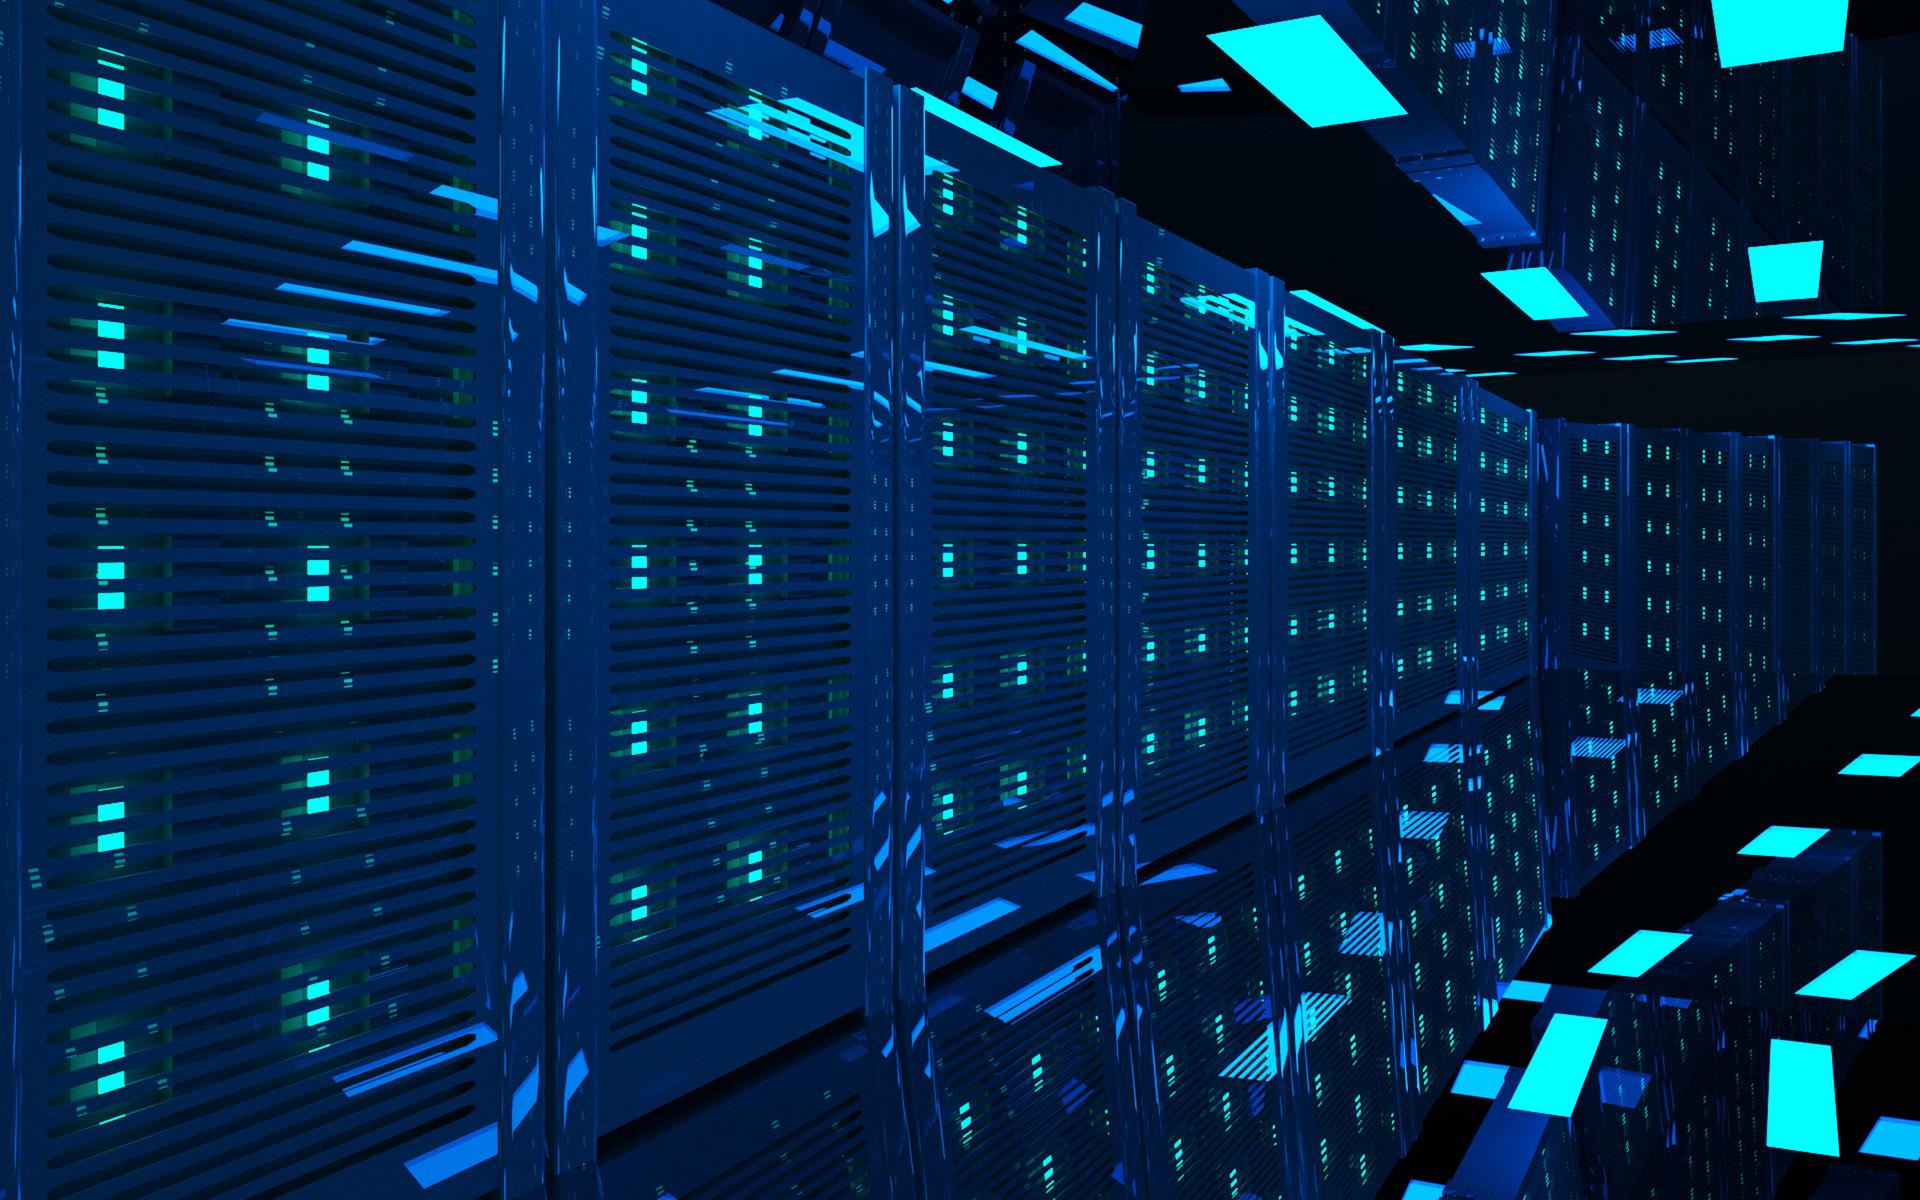 数据中心深蓝